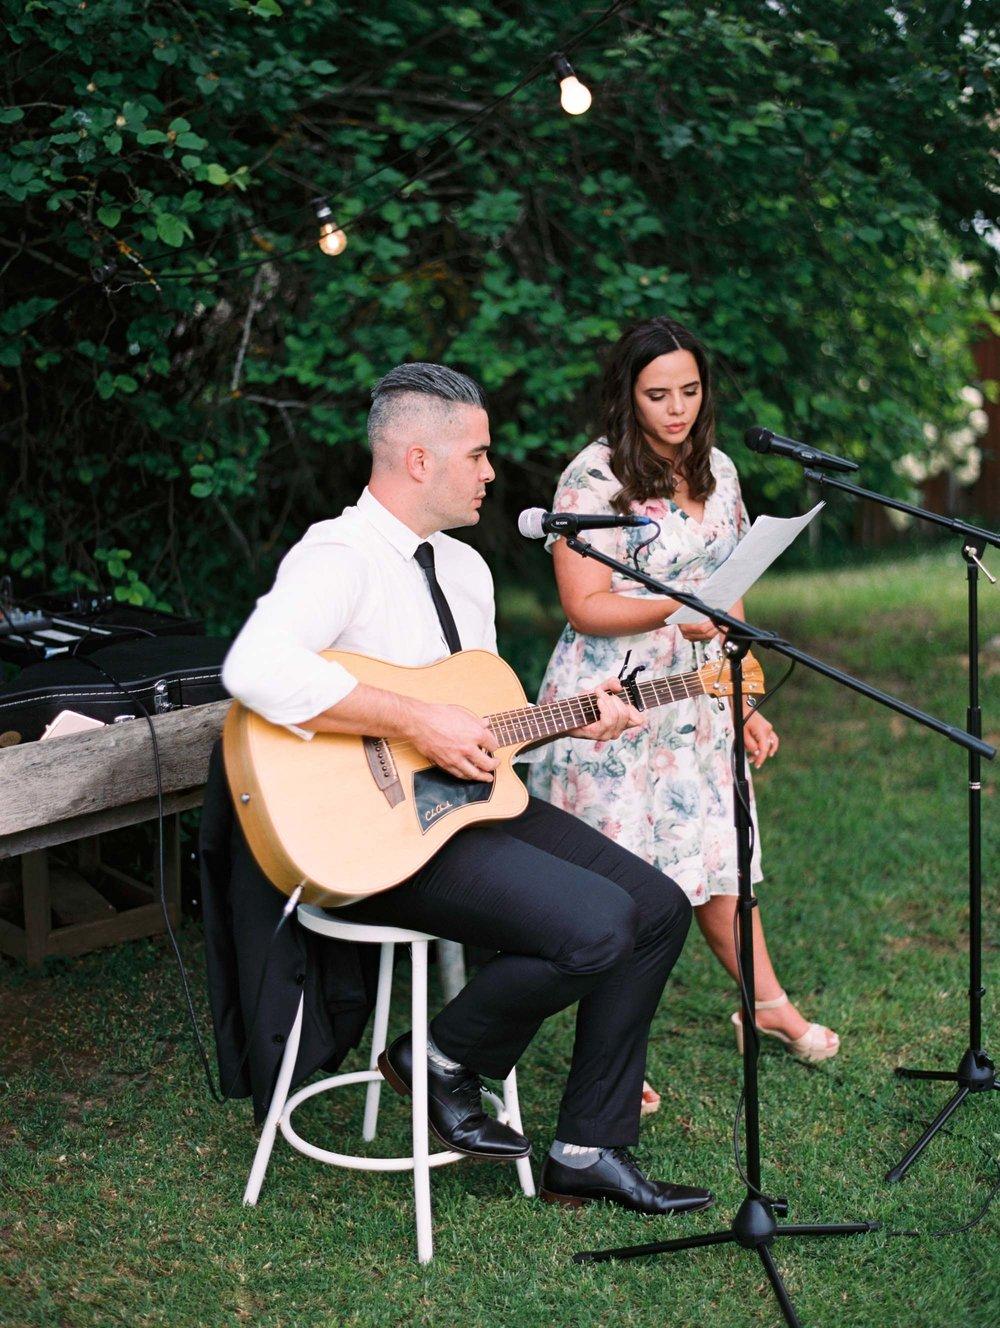 Whitehouse-hahndorf-wedding-photography-054.jpg